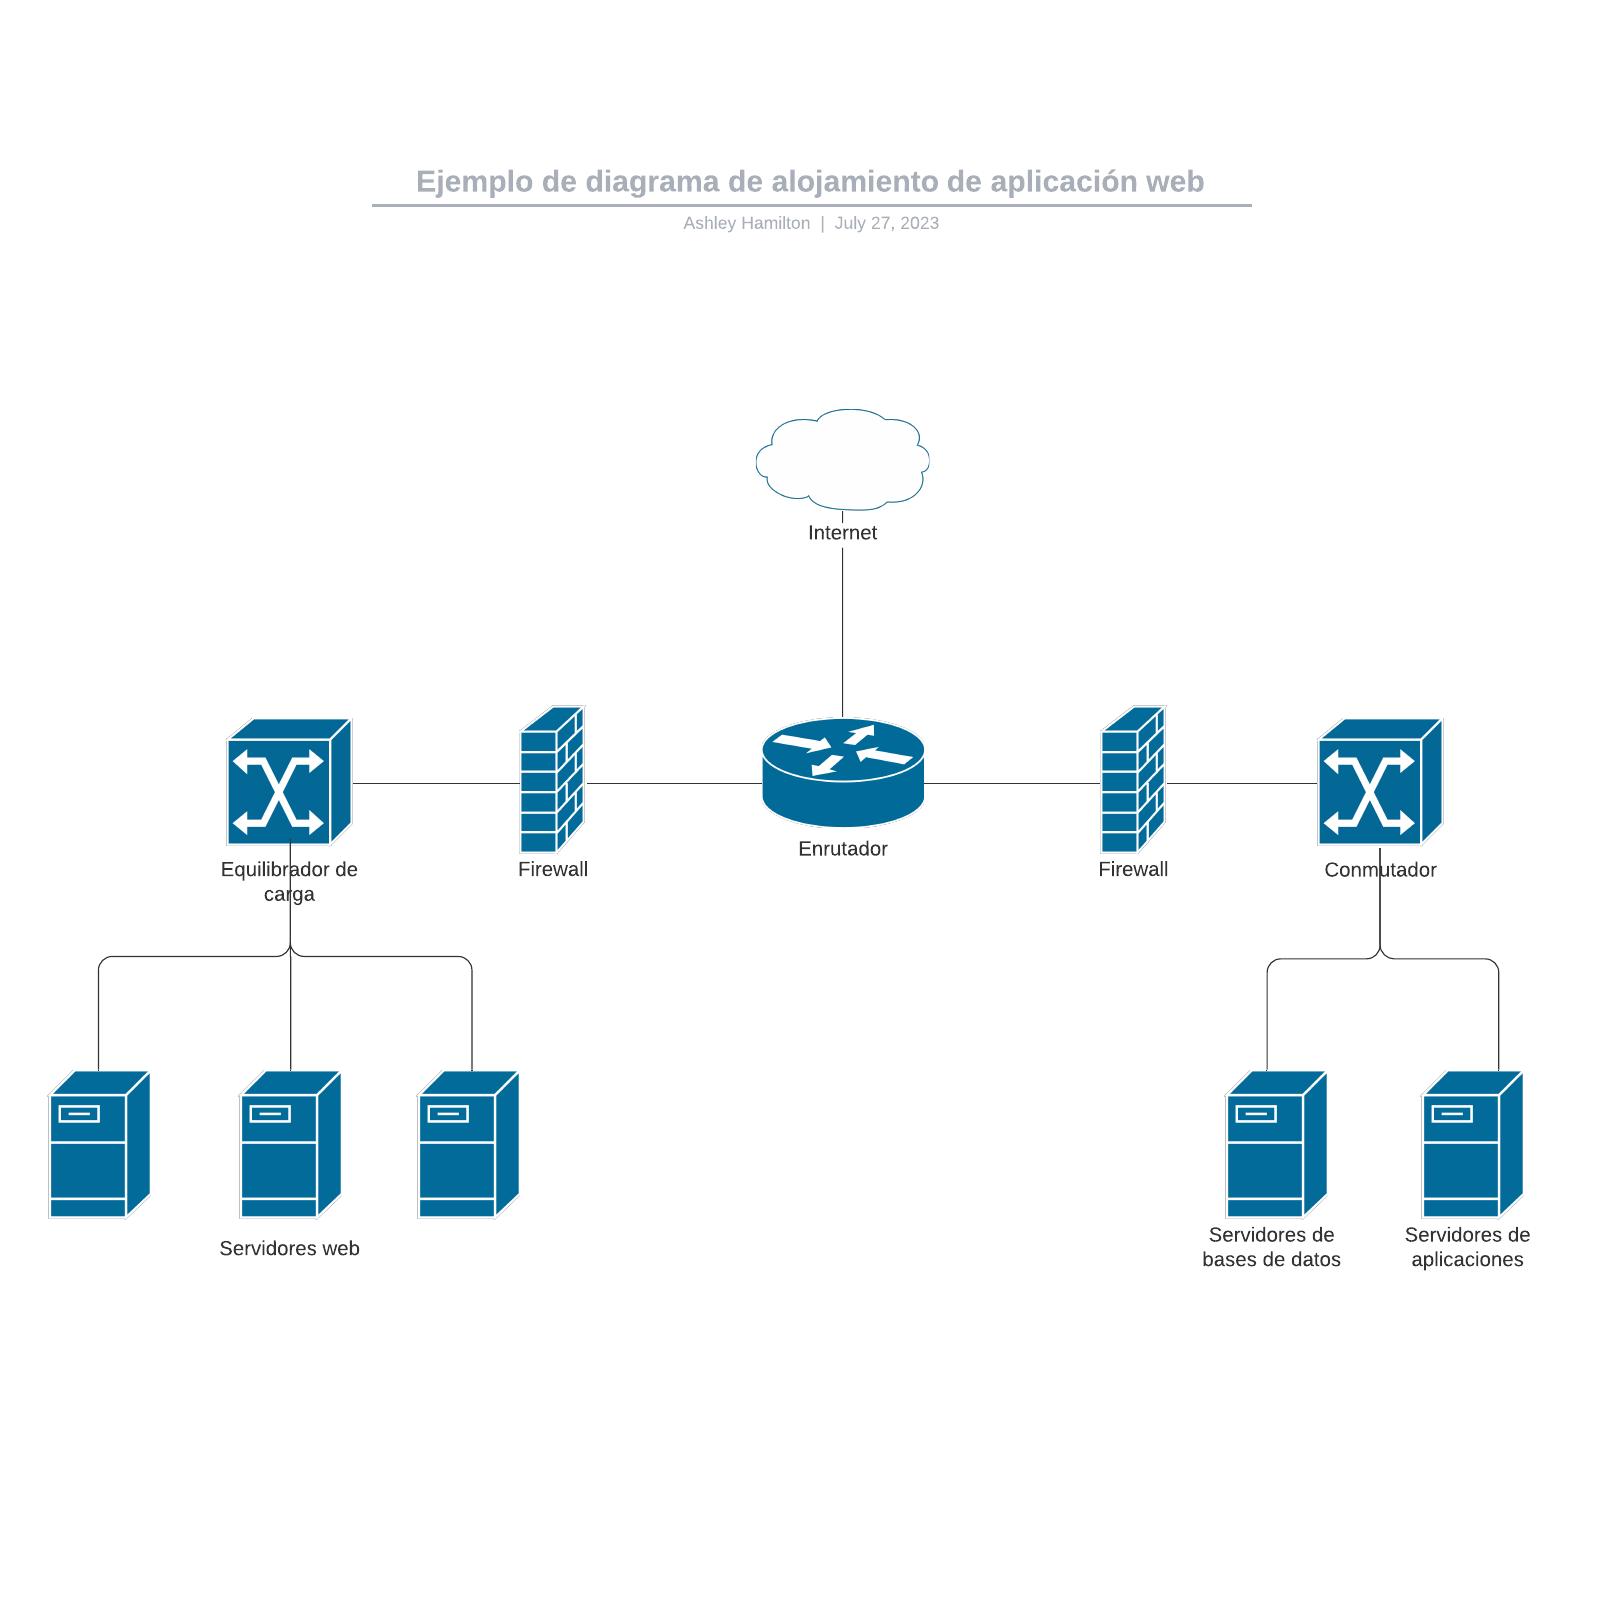 Ejemplo de diagrama de alojamiento de aplicación web